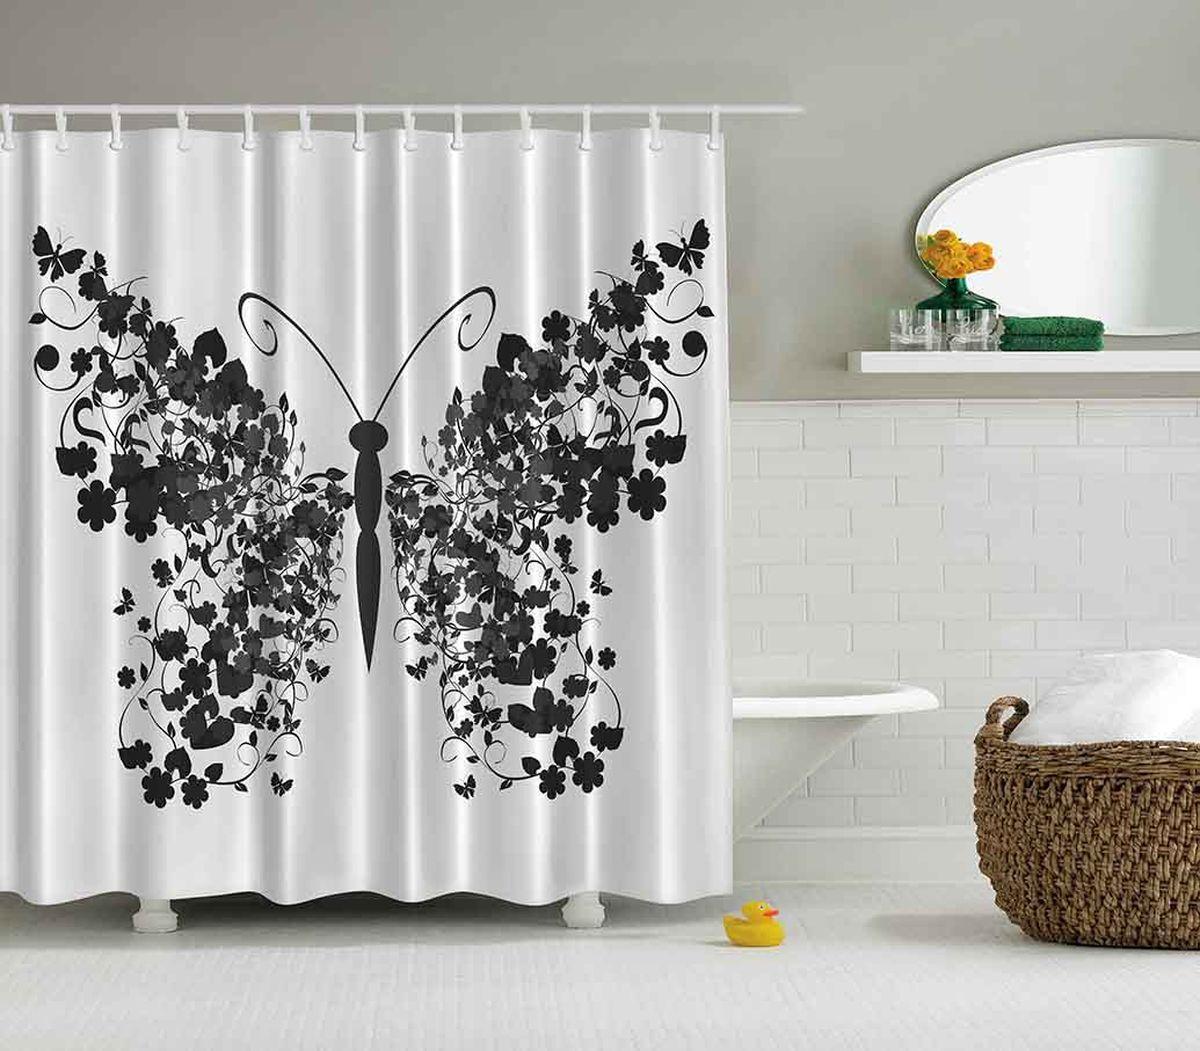 Штора для ванной комнаты Magic Lady Черная бабочка, 180 х 200 см631-08Штора Magic Lady Черная бабочка, изготовленная из высококачественного сатена (полиэстер 100%), отлично дополнит любой интерьер ванной комнаты. При изготовлении используются специальные гипоаллергенные чернила для прямой печати по ткани, безопасные для человека.В комплекте: 1 штора, 12 крючков. Обращаем ваше внимание, фактический цвет изделия может незначительно отличаться от представленного на фото.